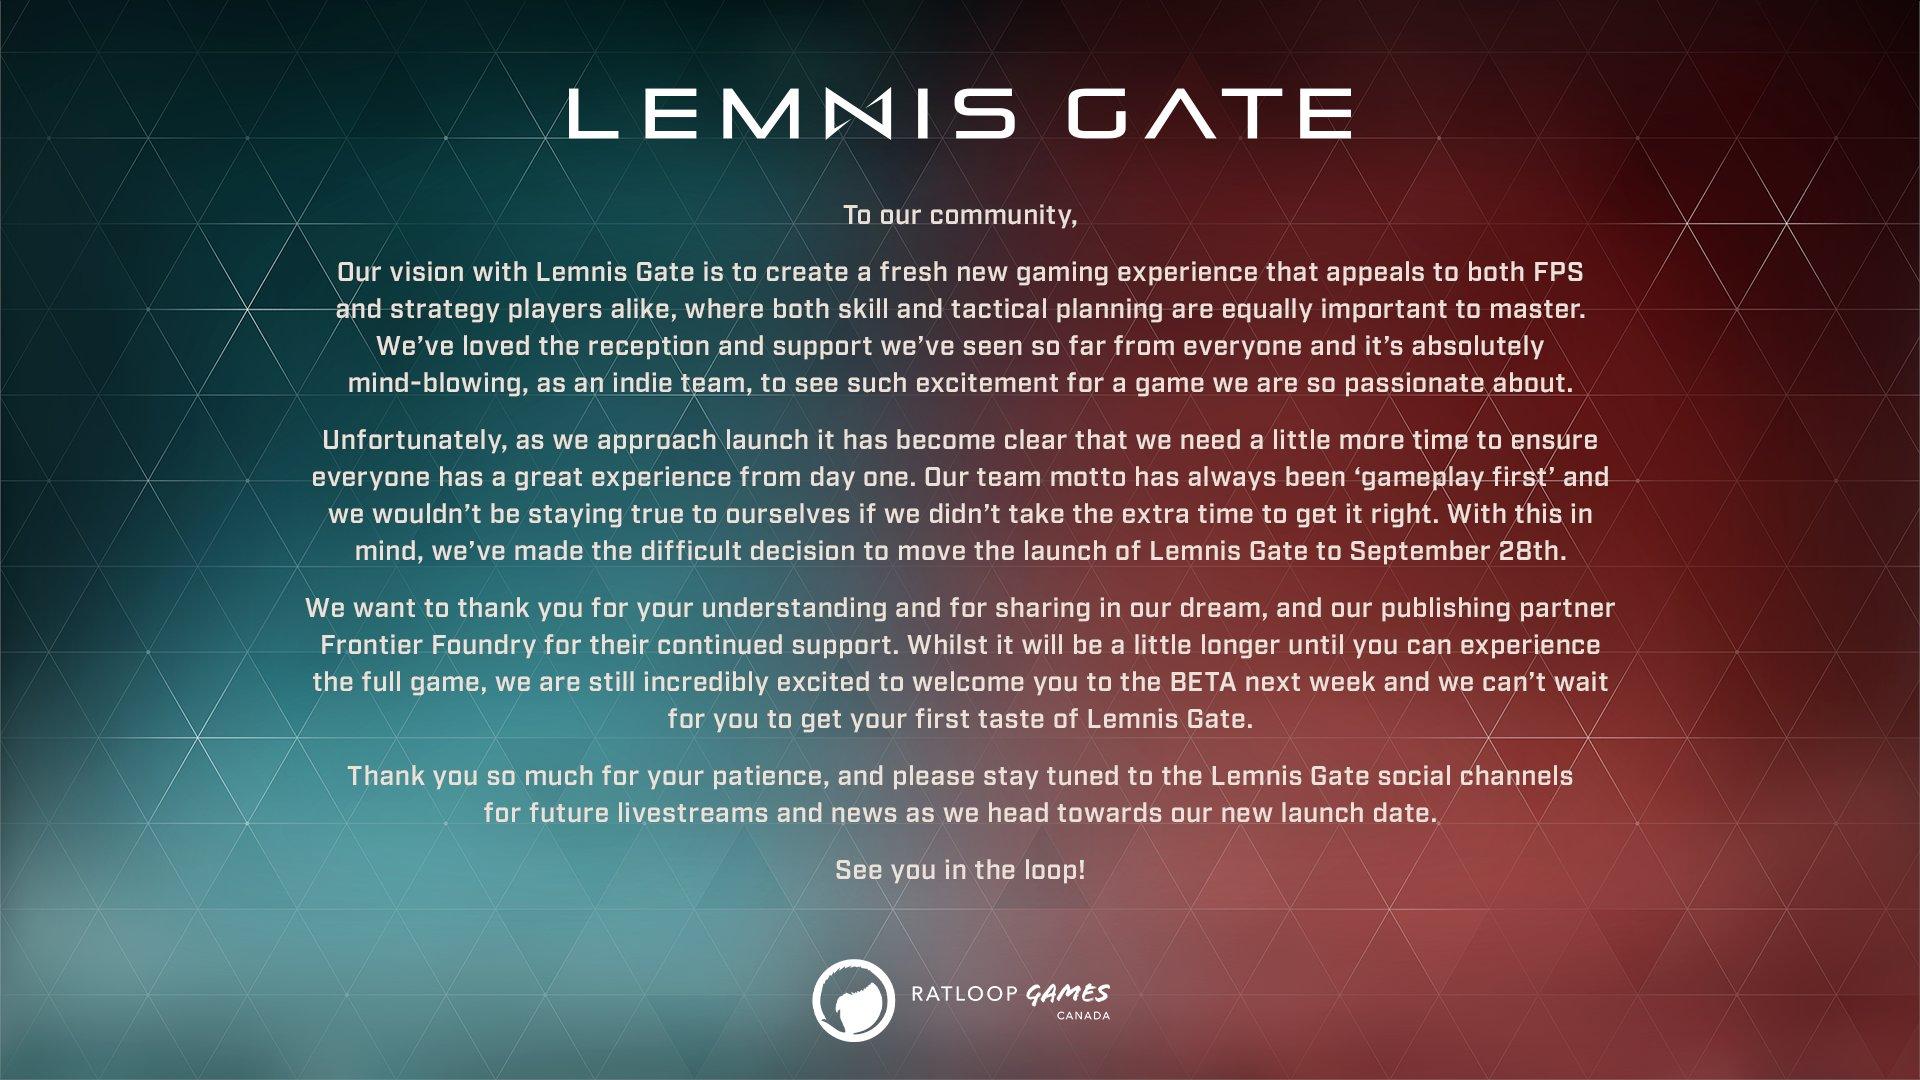 Релиз Lemnis Gate отложен на 28 сентября